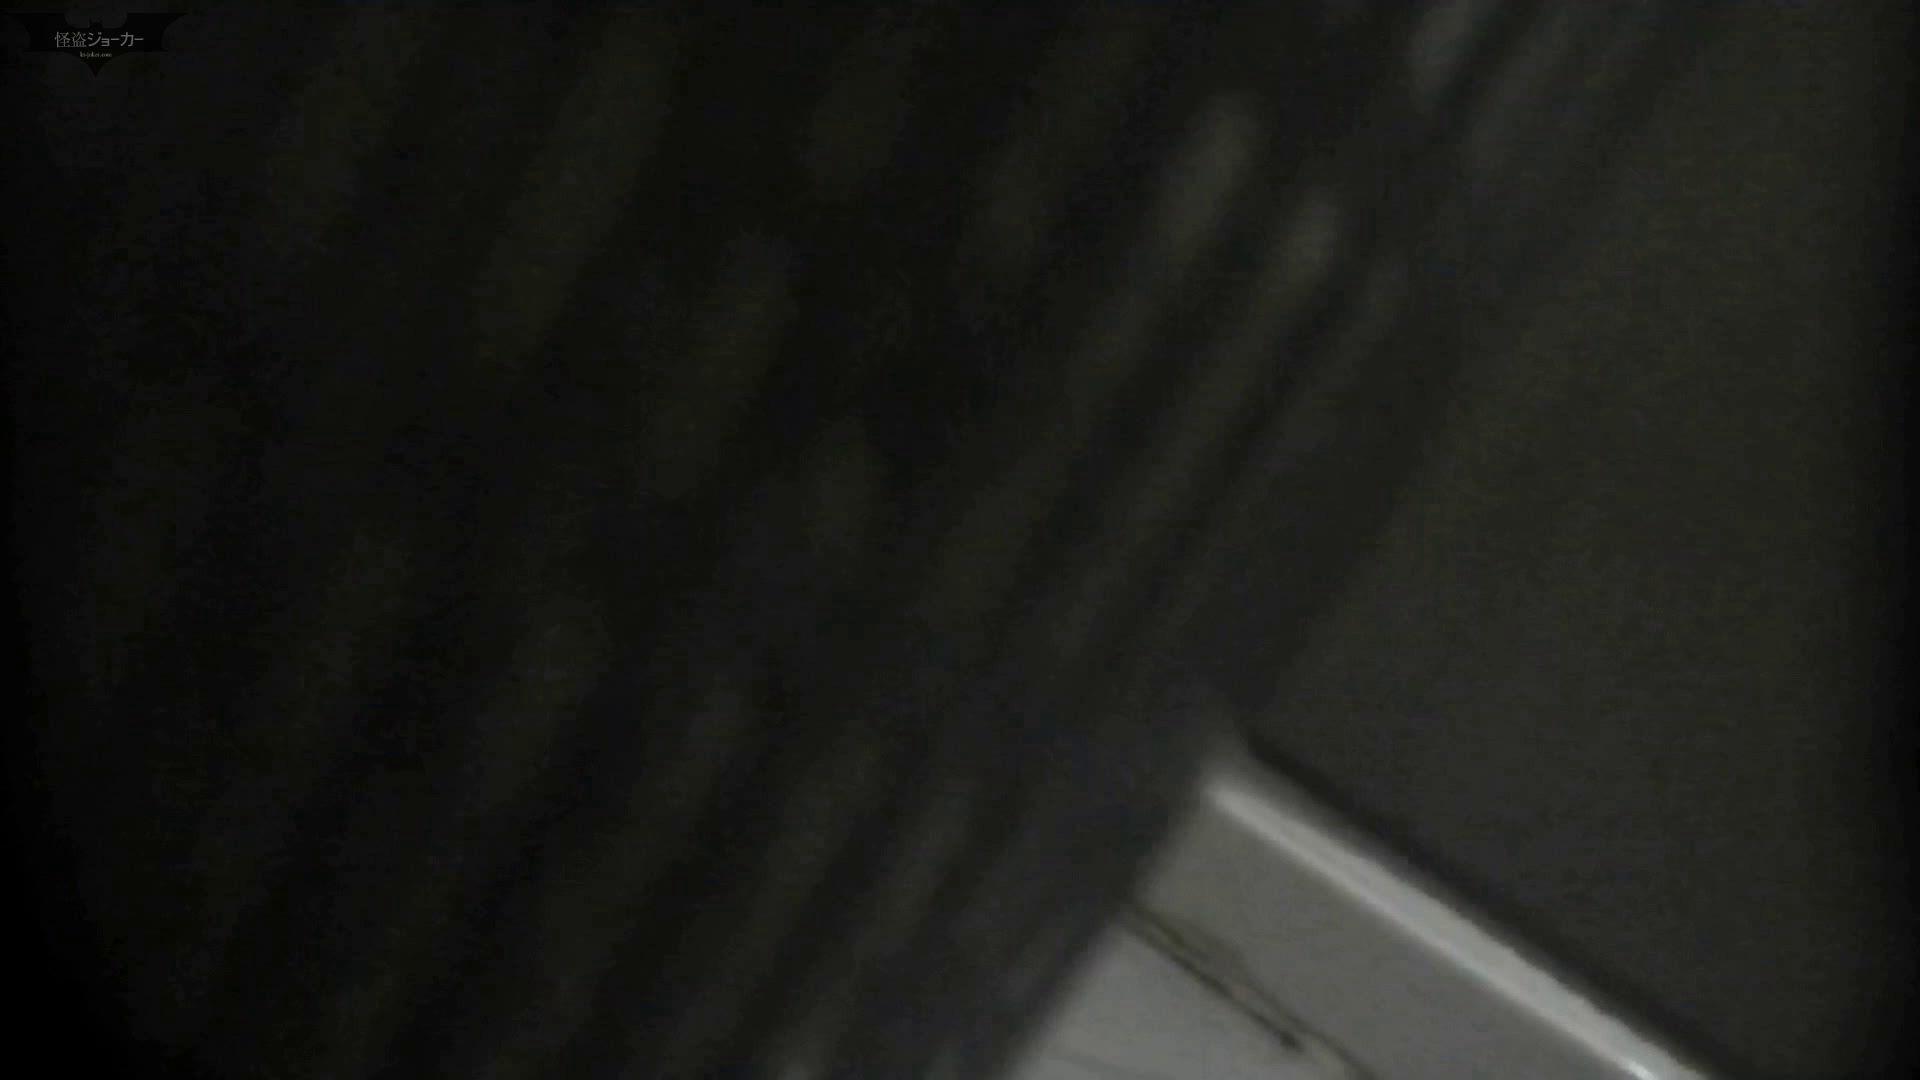 新世界の射窓 No62驚愕!!とんでもないものが出ている 丸見えマンコ | 高画質  113画像 25